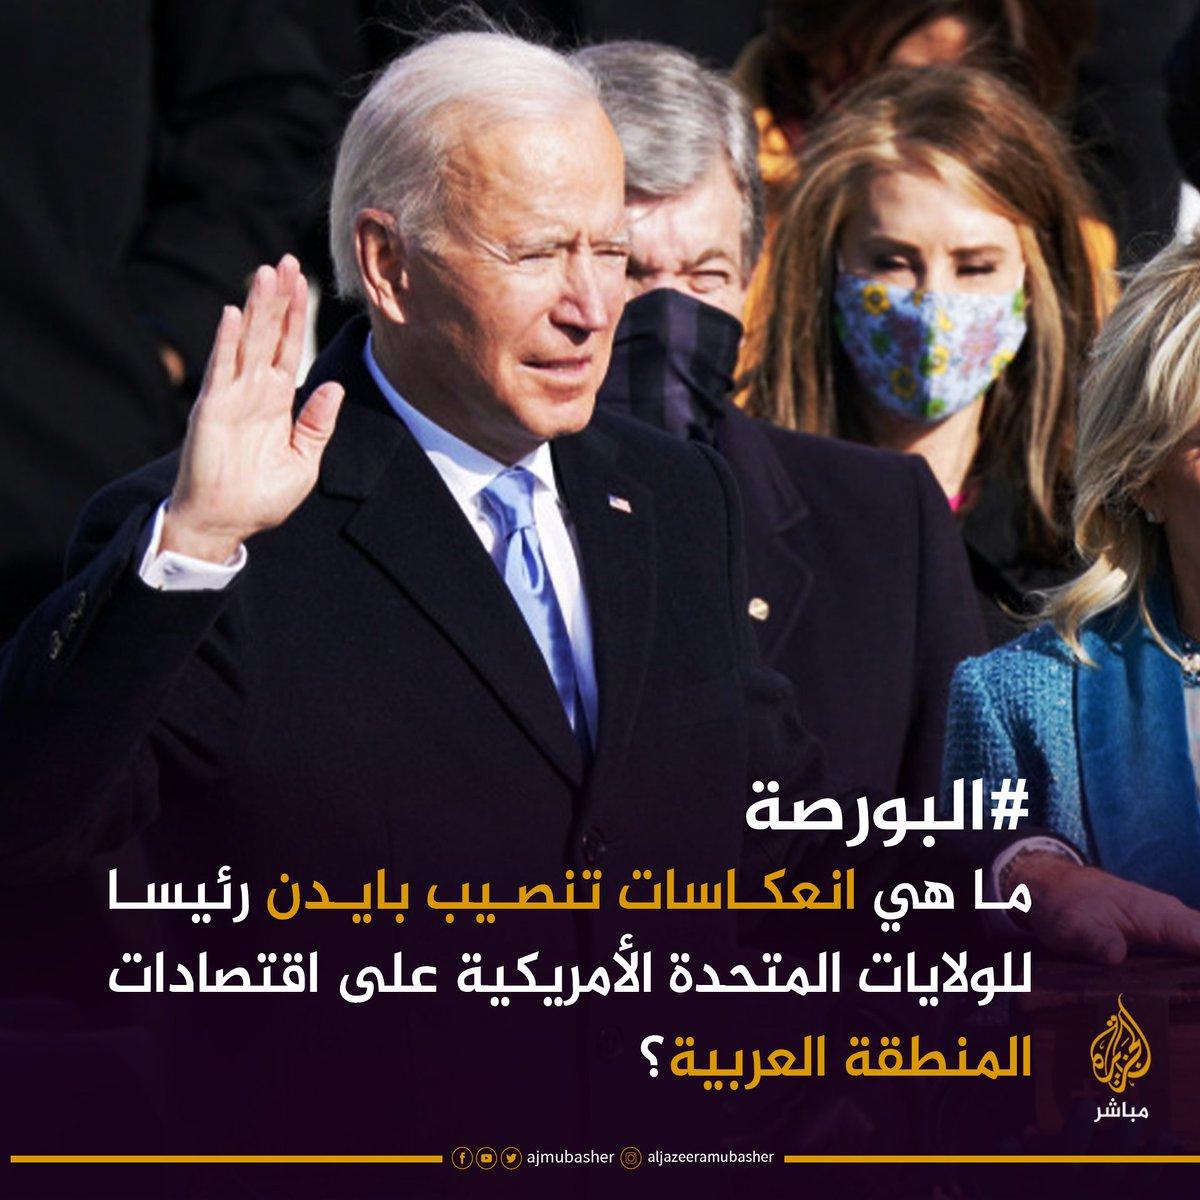 ما هي انعكاسات #تنصيب_بايدن رئيسا للولايات المتحدة الأمريكية على اقتصادات #الشرق_الأوسط؟ #البورصة #بايدن #بايدن #بايدن_رئيسا #Inaugurationday